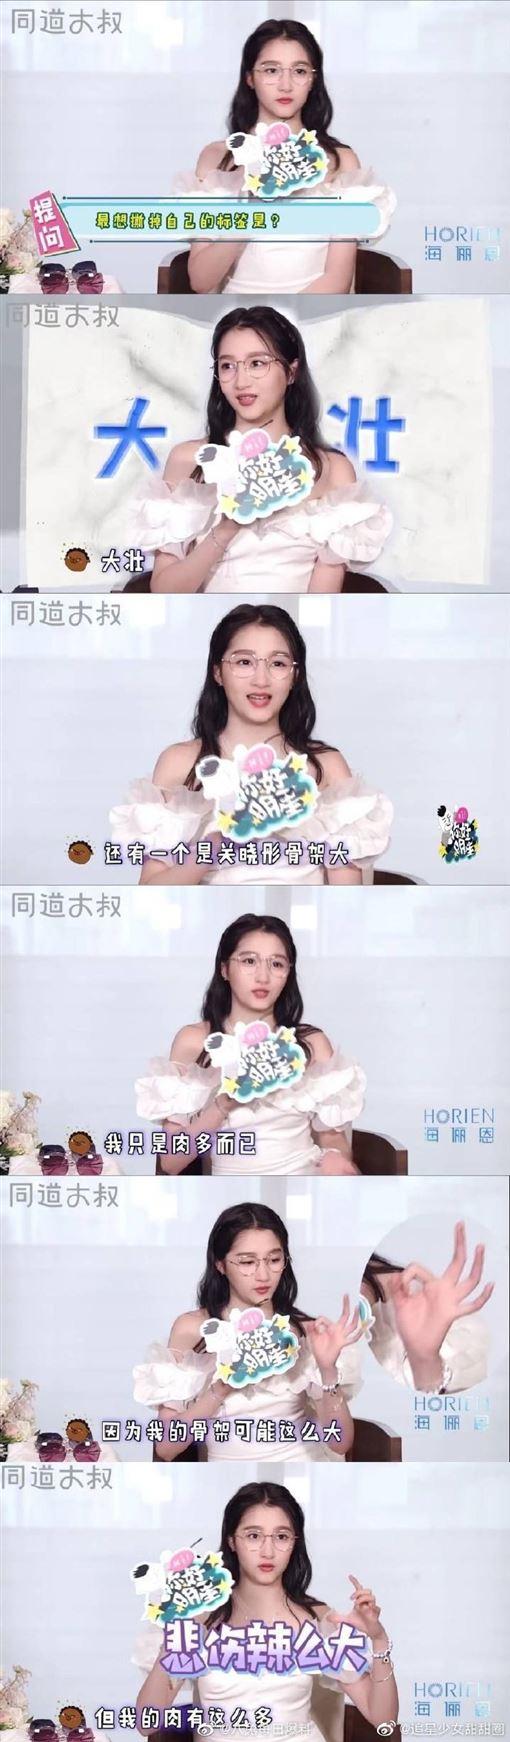 關曉彤(翻攝自追星少女甜甜圈微博)